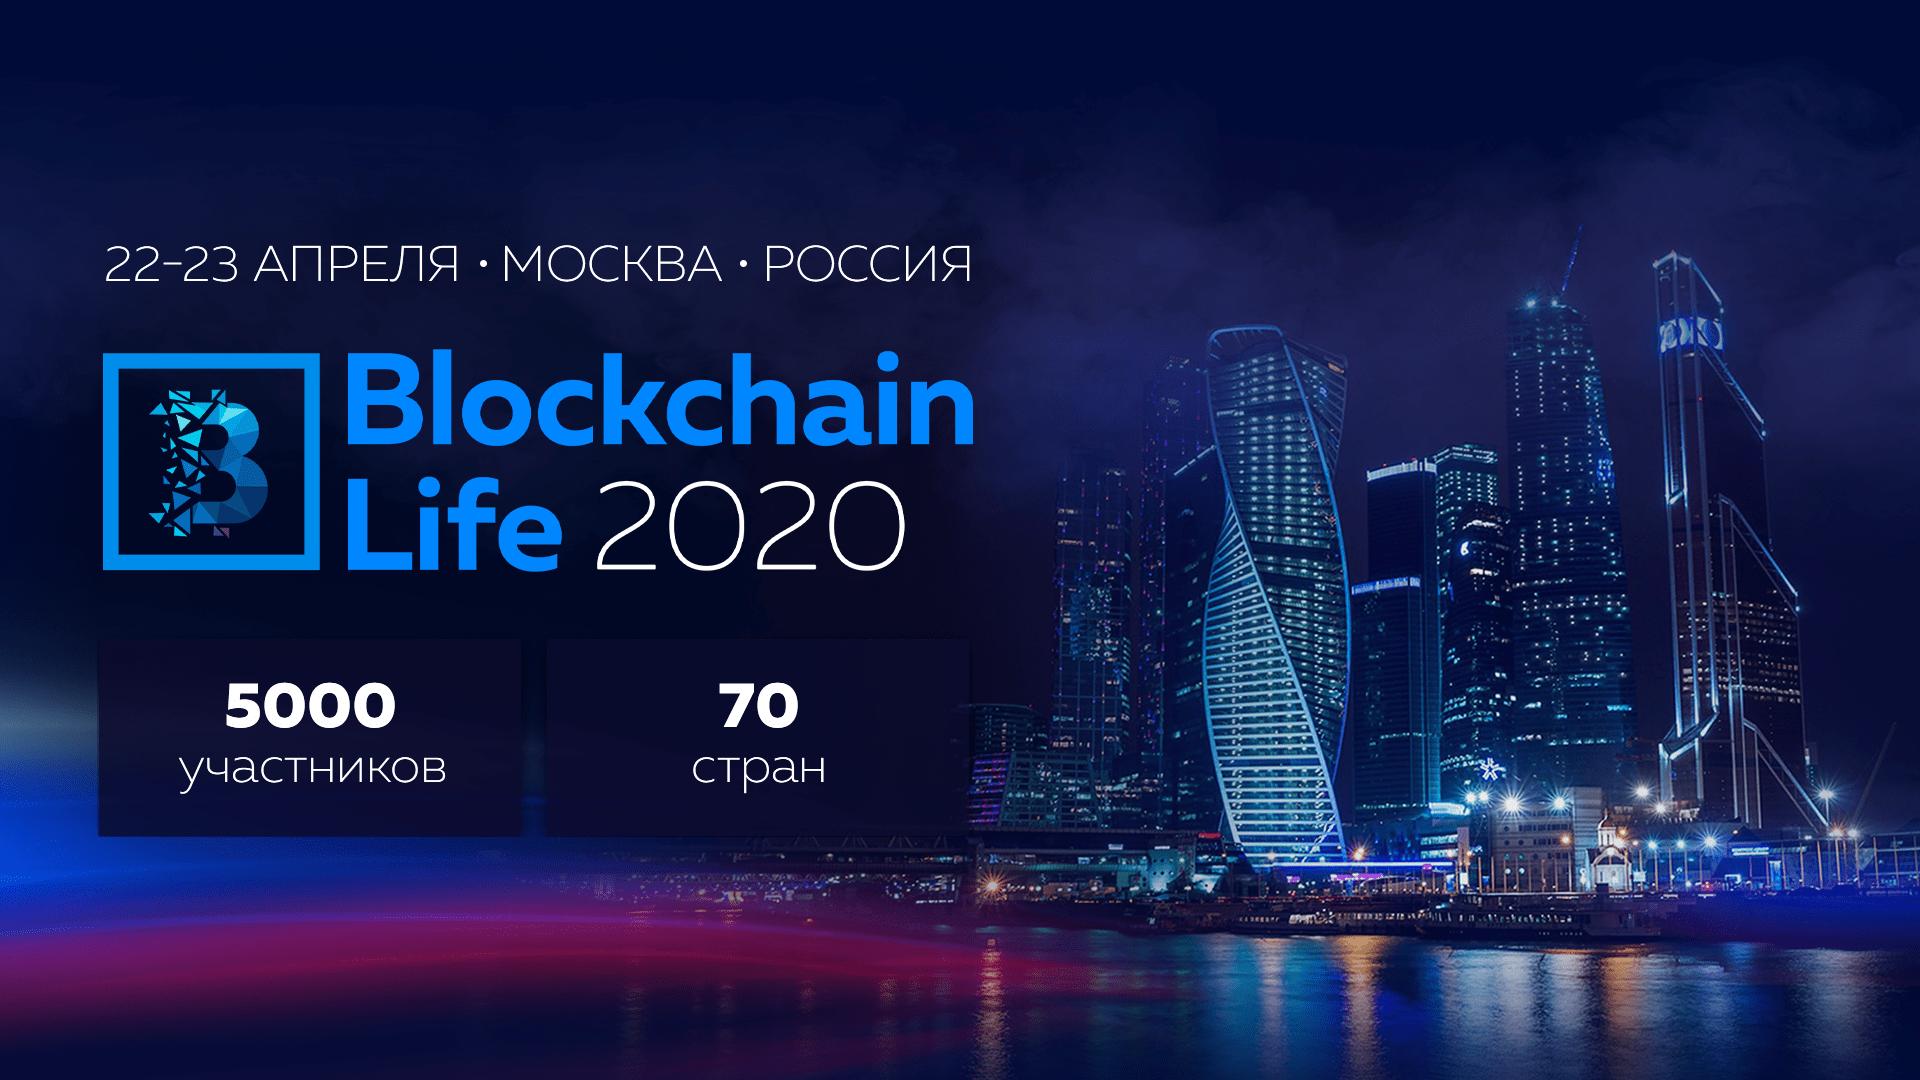 5-й международный форум Blockchain Life 2020 состоится в Москве 22-23 апреля